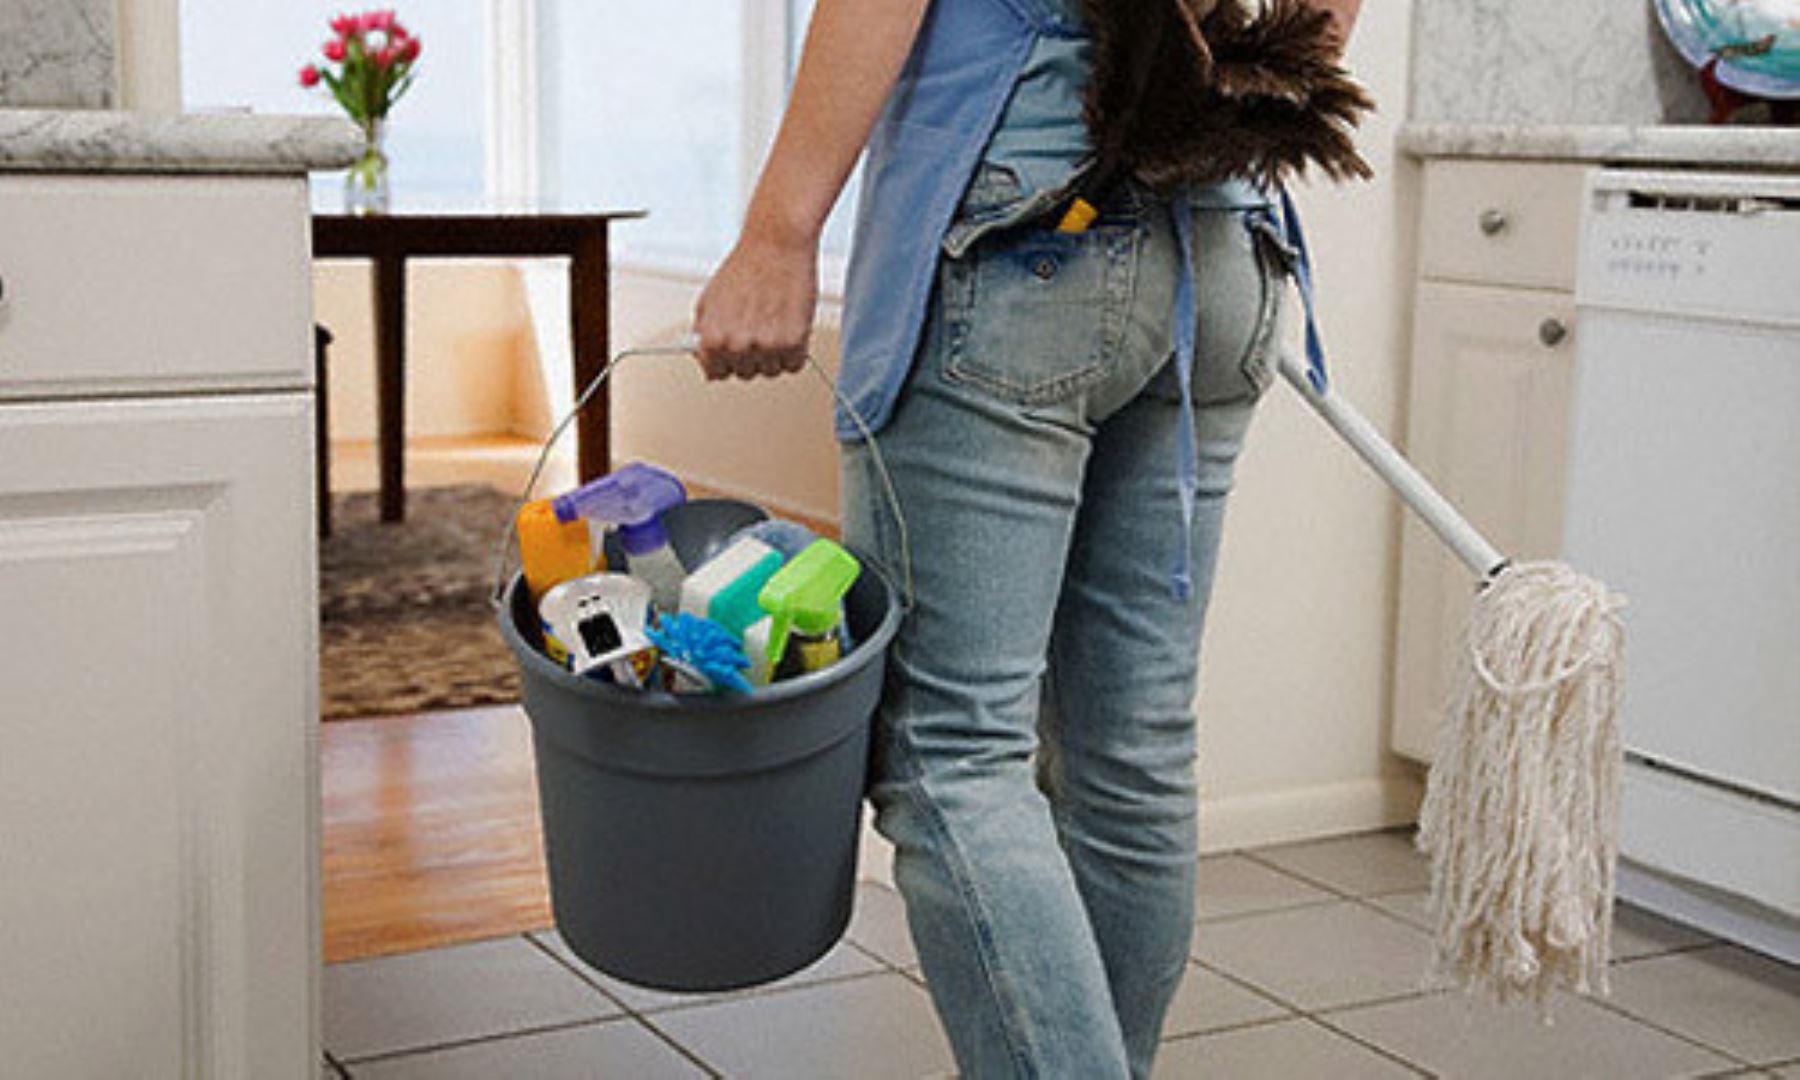 Seguridad social a trabajadoras domésticas, propone legisladora